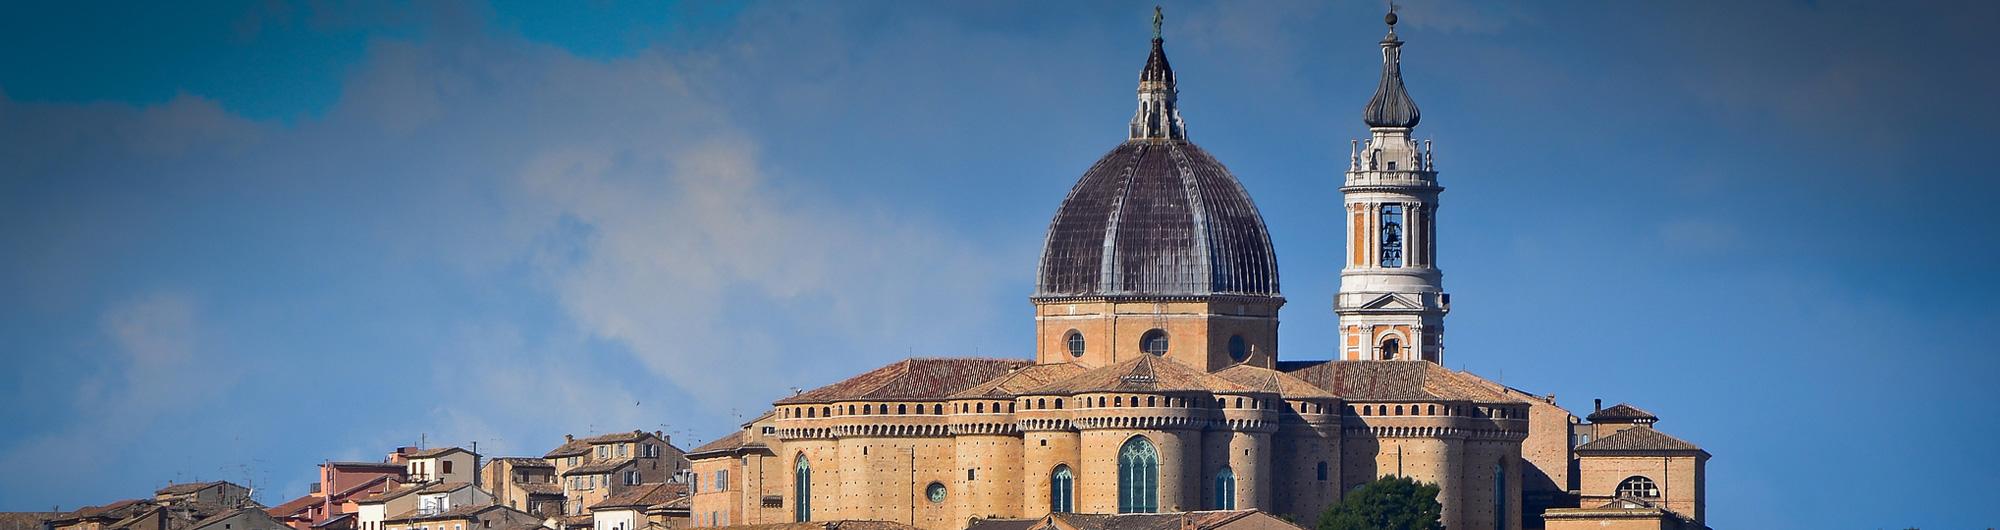 Basilica di Loreto - Ancona - Marche Conero